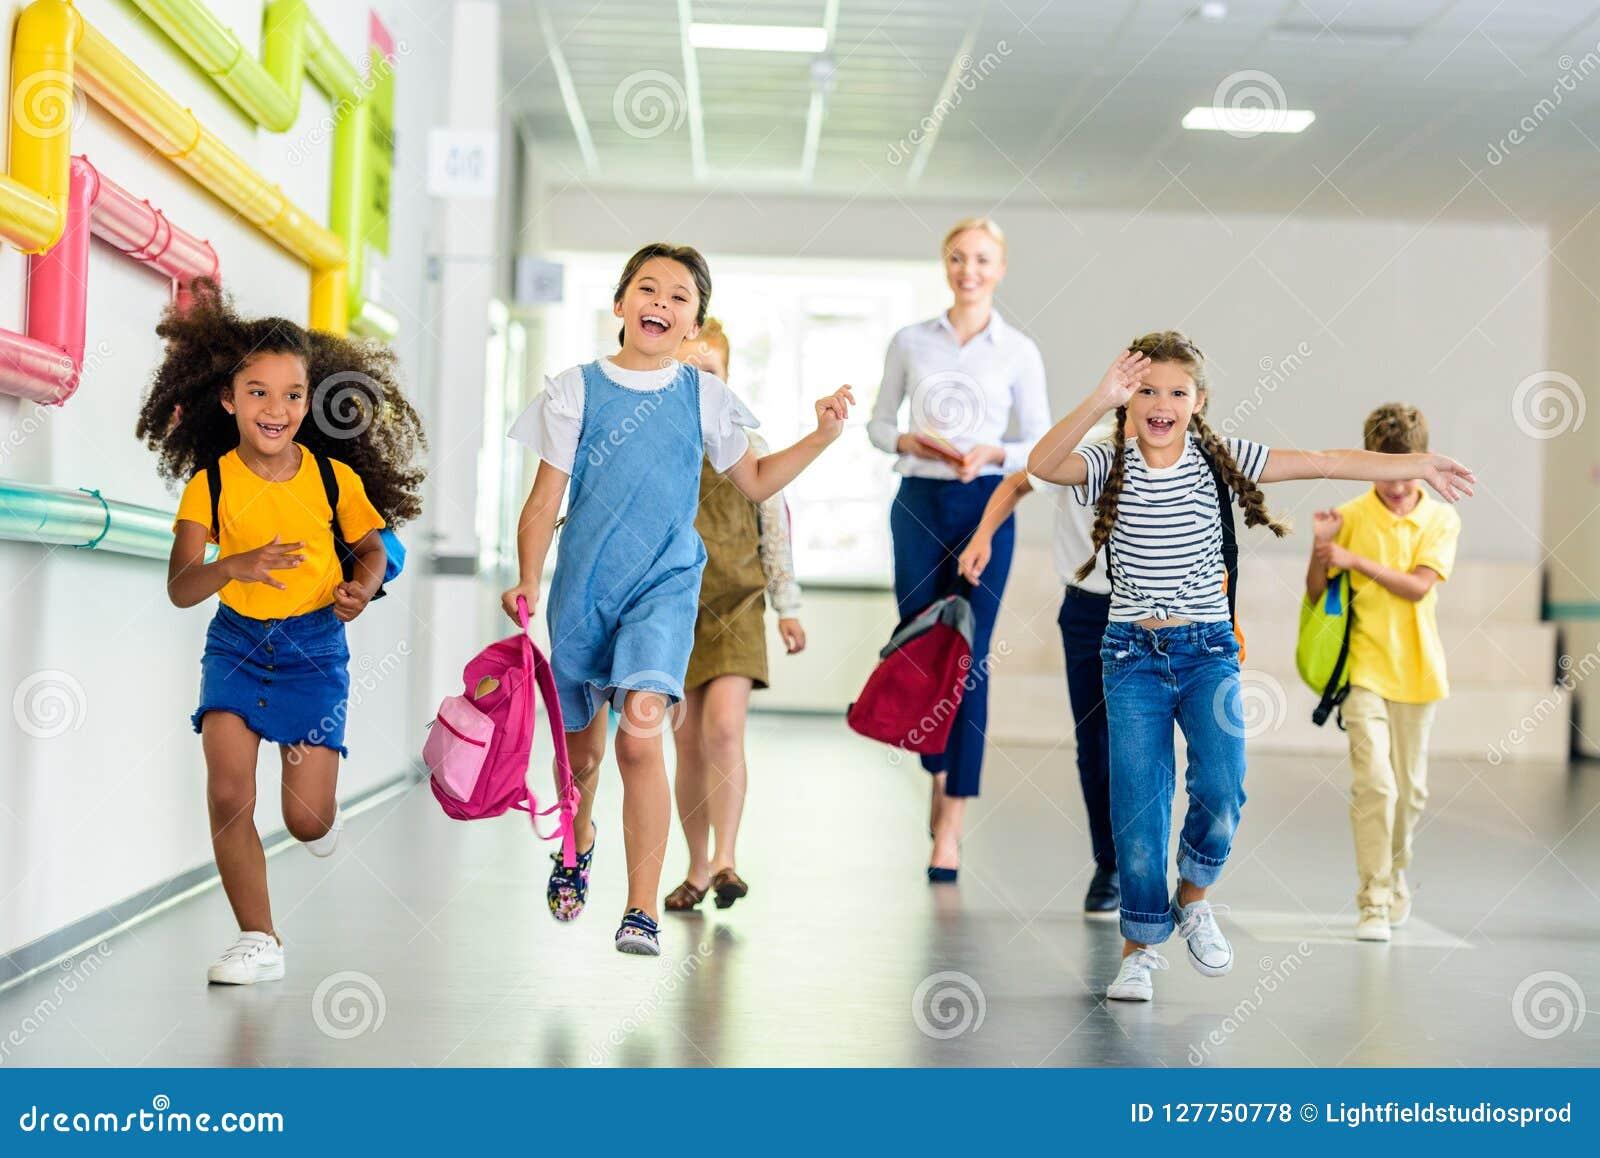 Entzückende glückliche Schulkinder, die durch Schulkorridor zusammen mit Lehrer laufen